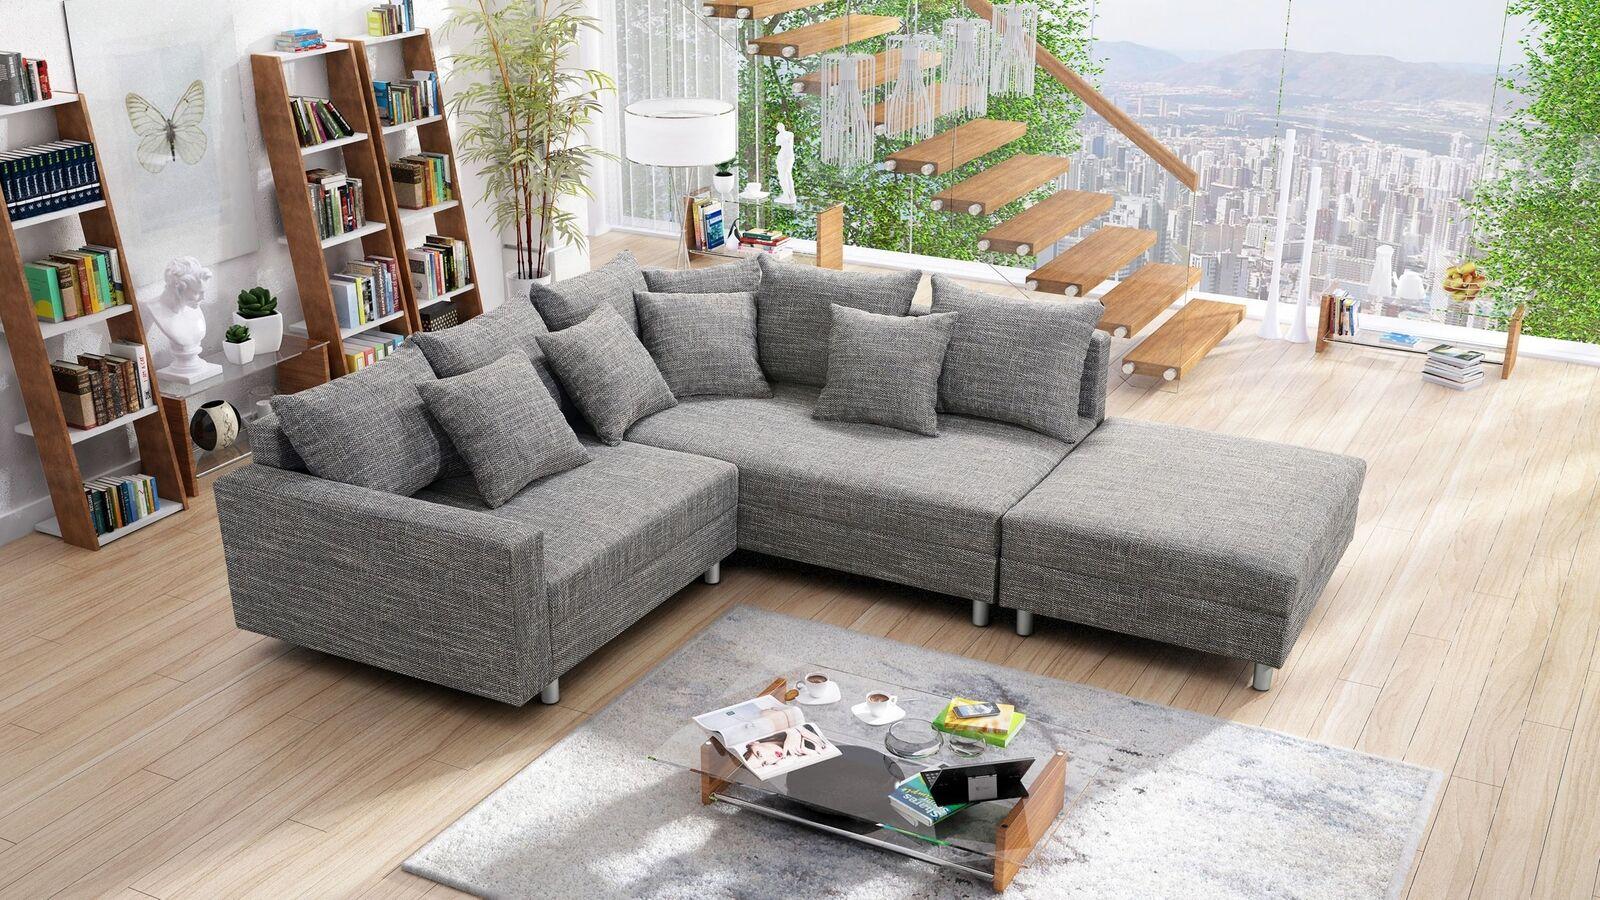 Modernes Sofa Couch Ecksofa Eckcouch in Gewebestoff hellgrau mit Hocker Minsk R